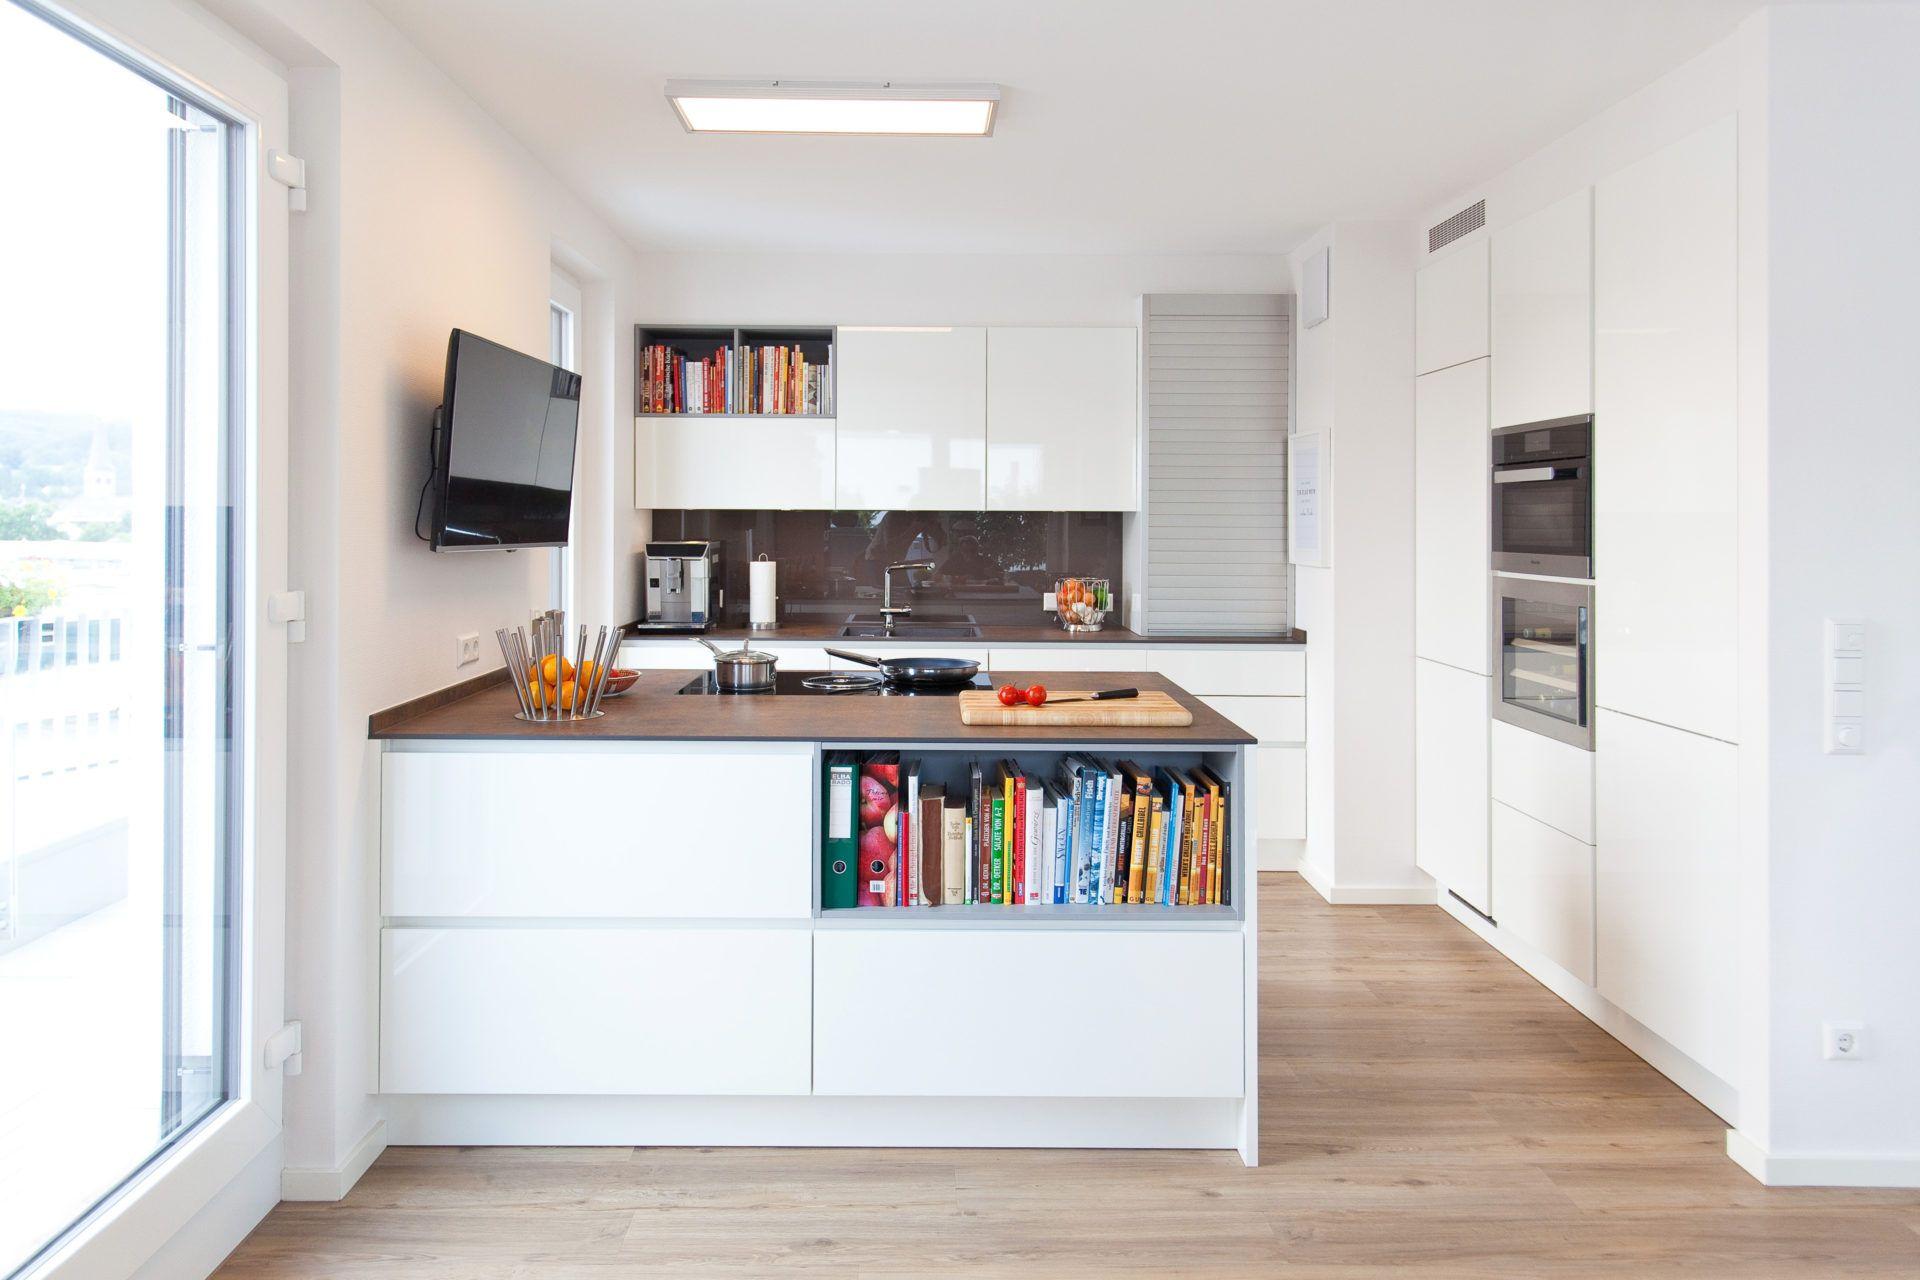 Moderne Küche Hochglanz Weiß Mit Granitoberfläche Grifflos Mit Bora Basic  Und Miele Geräten | Küchenhaus Thiemann